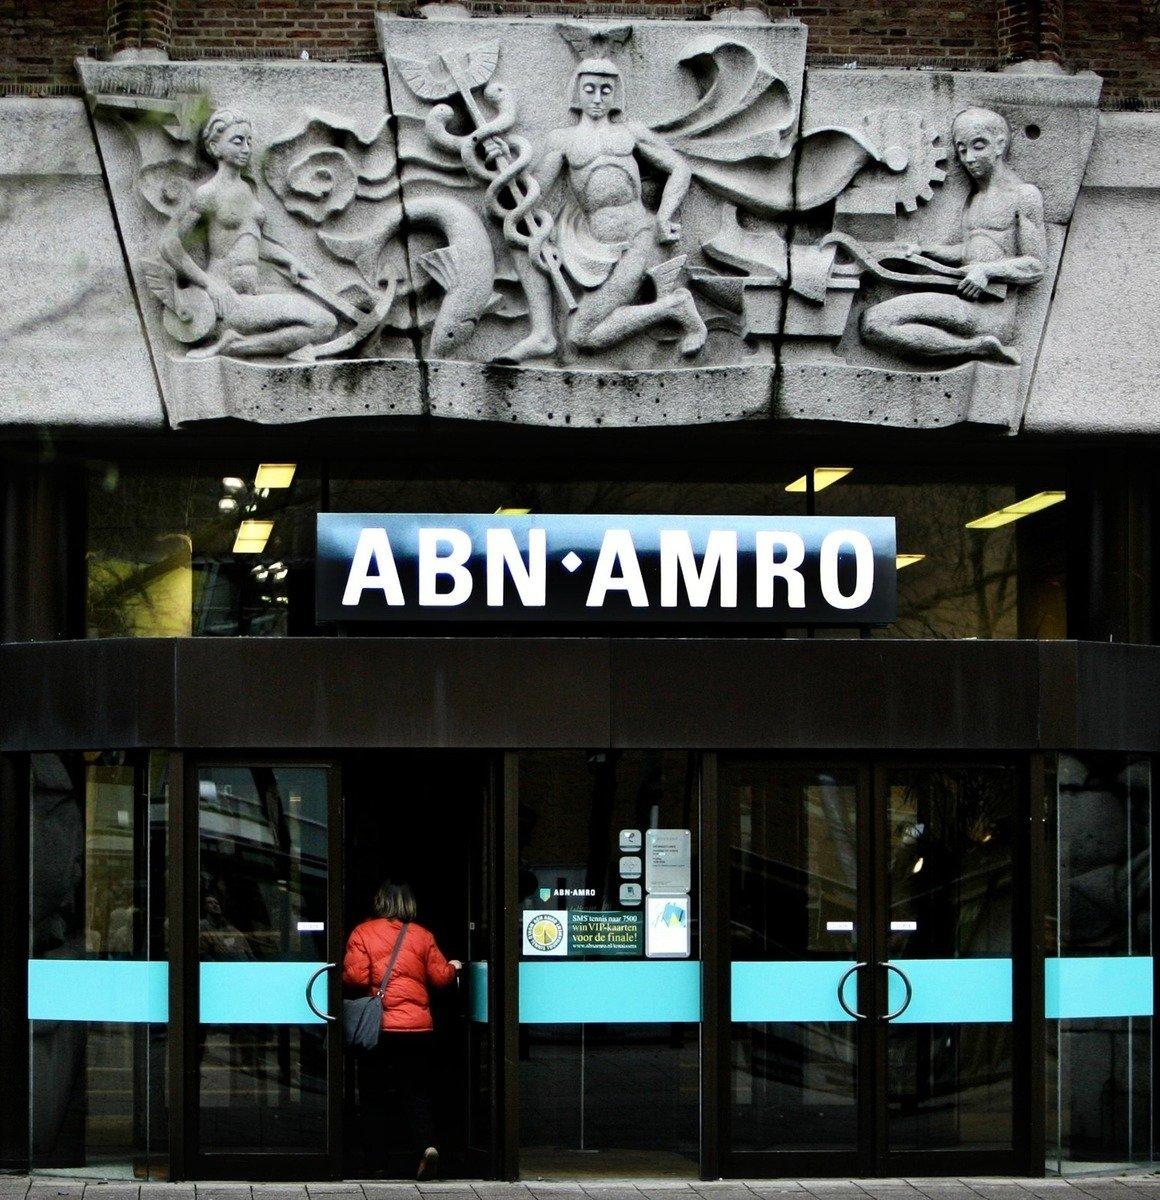 受開支壓力影響,荷蘭銀行宣佈削減2800個職位,等同總員工人數的15%,並正在出售其總部大樓。(ROBIN UTRECHT/AFP via Getty Images)